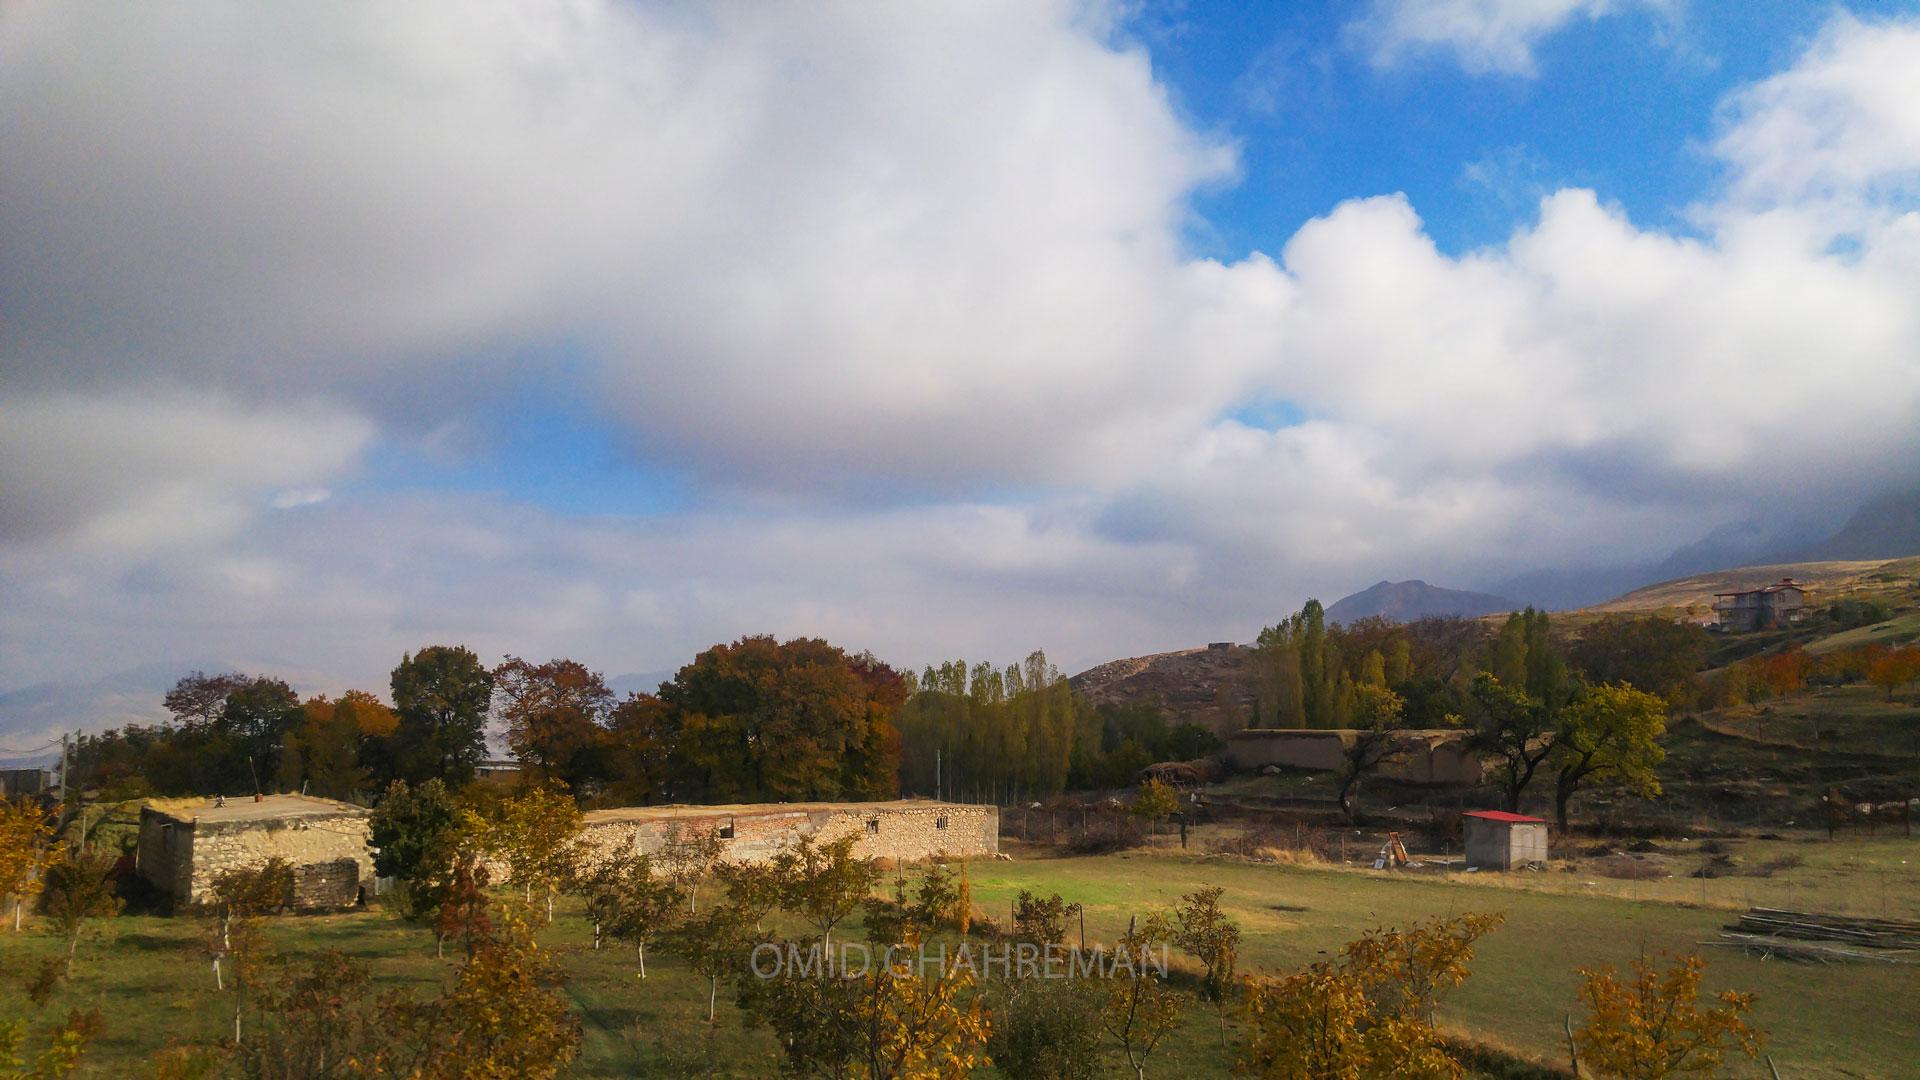 روستای پره خودک در ماکو